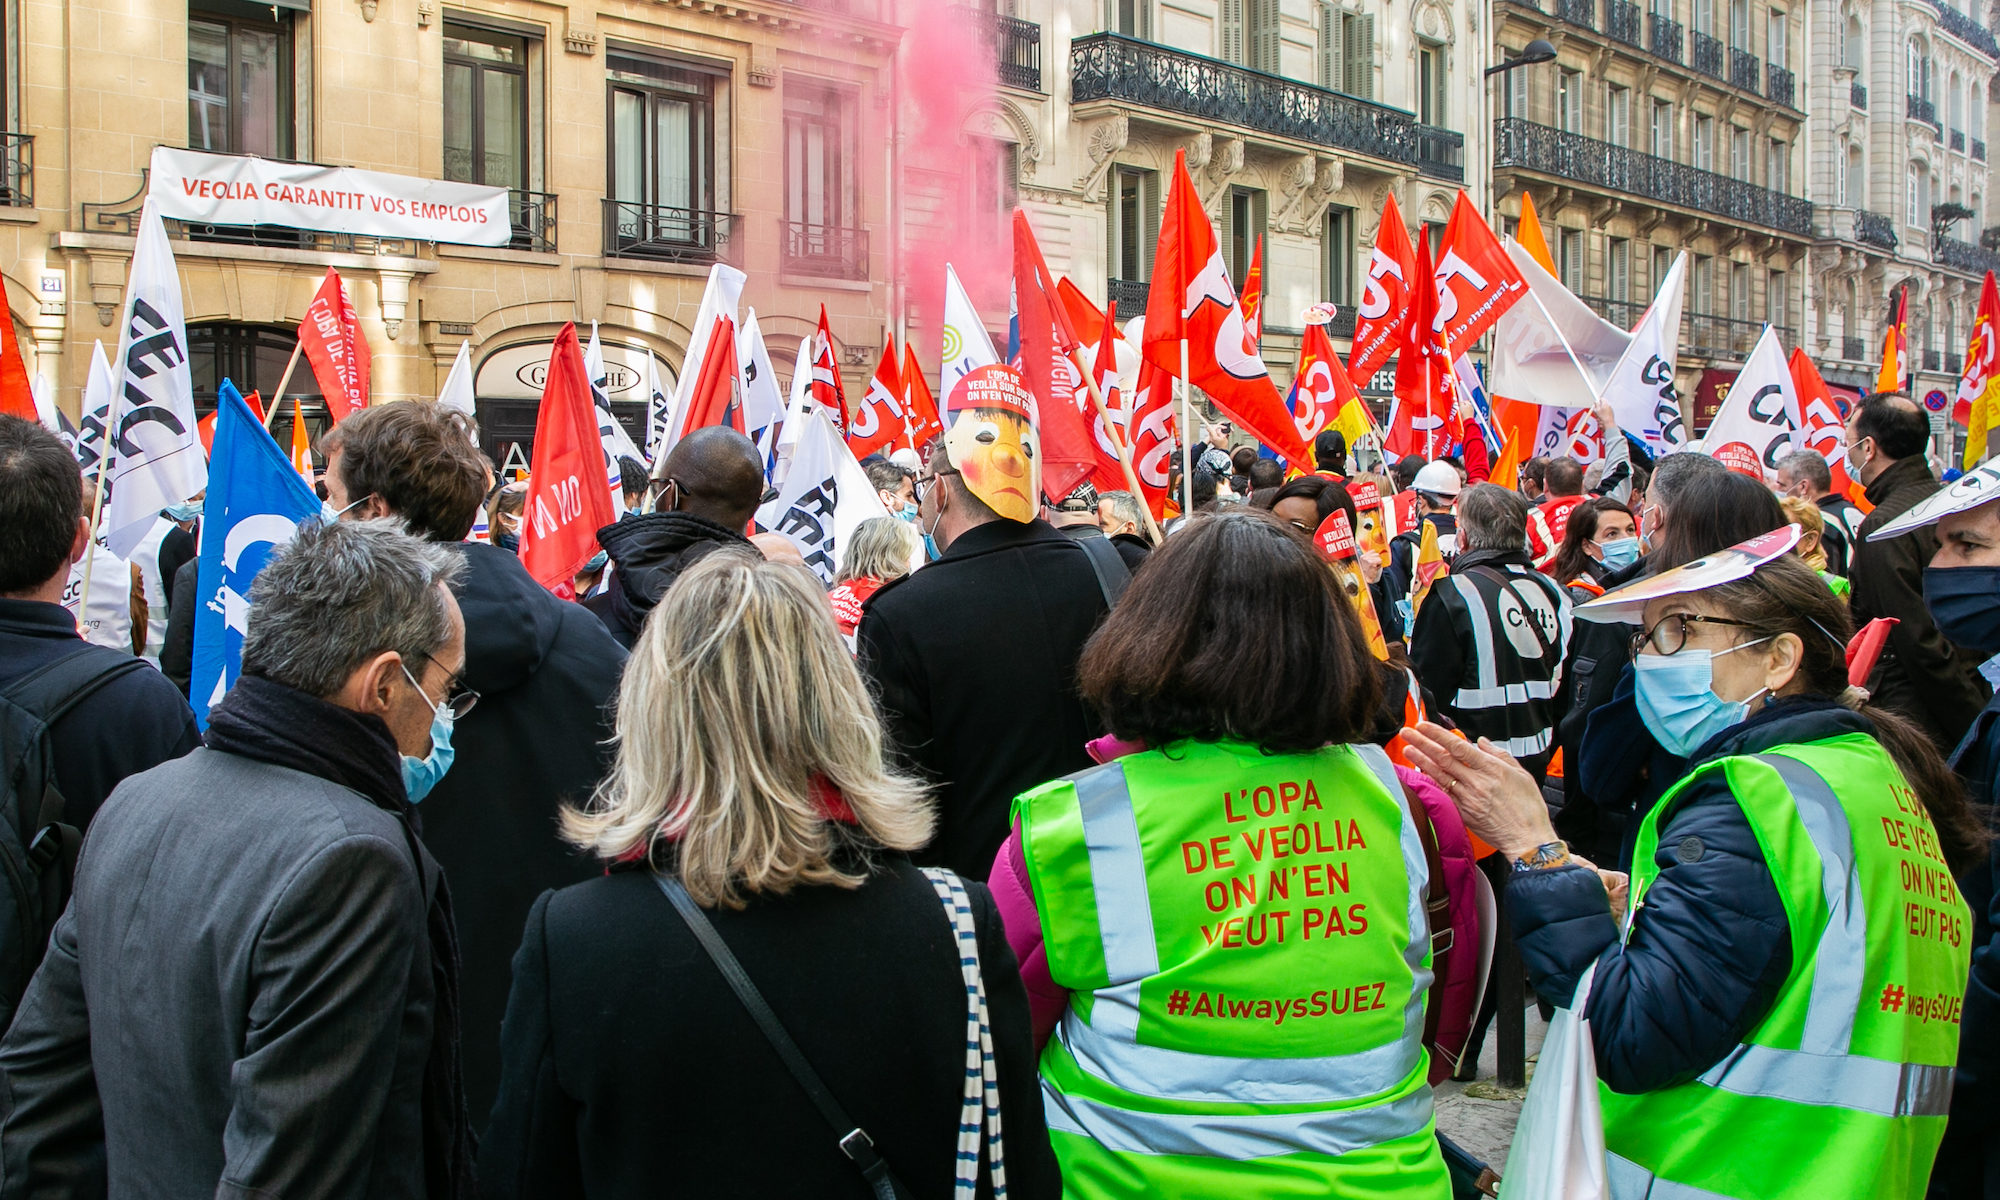 Manifestation du 2 mars 2021 de l'intersyndicale de Suez devant le siège parisien de Veolia pour afficher l'opposition à l'OPA CC-by-bc par Force Ouvrière https://flic.kr/p/2kGpLNb